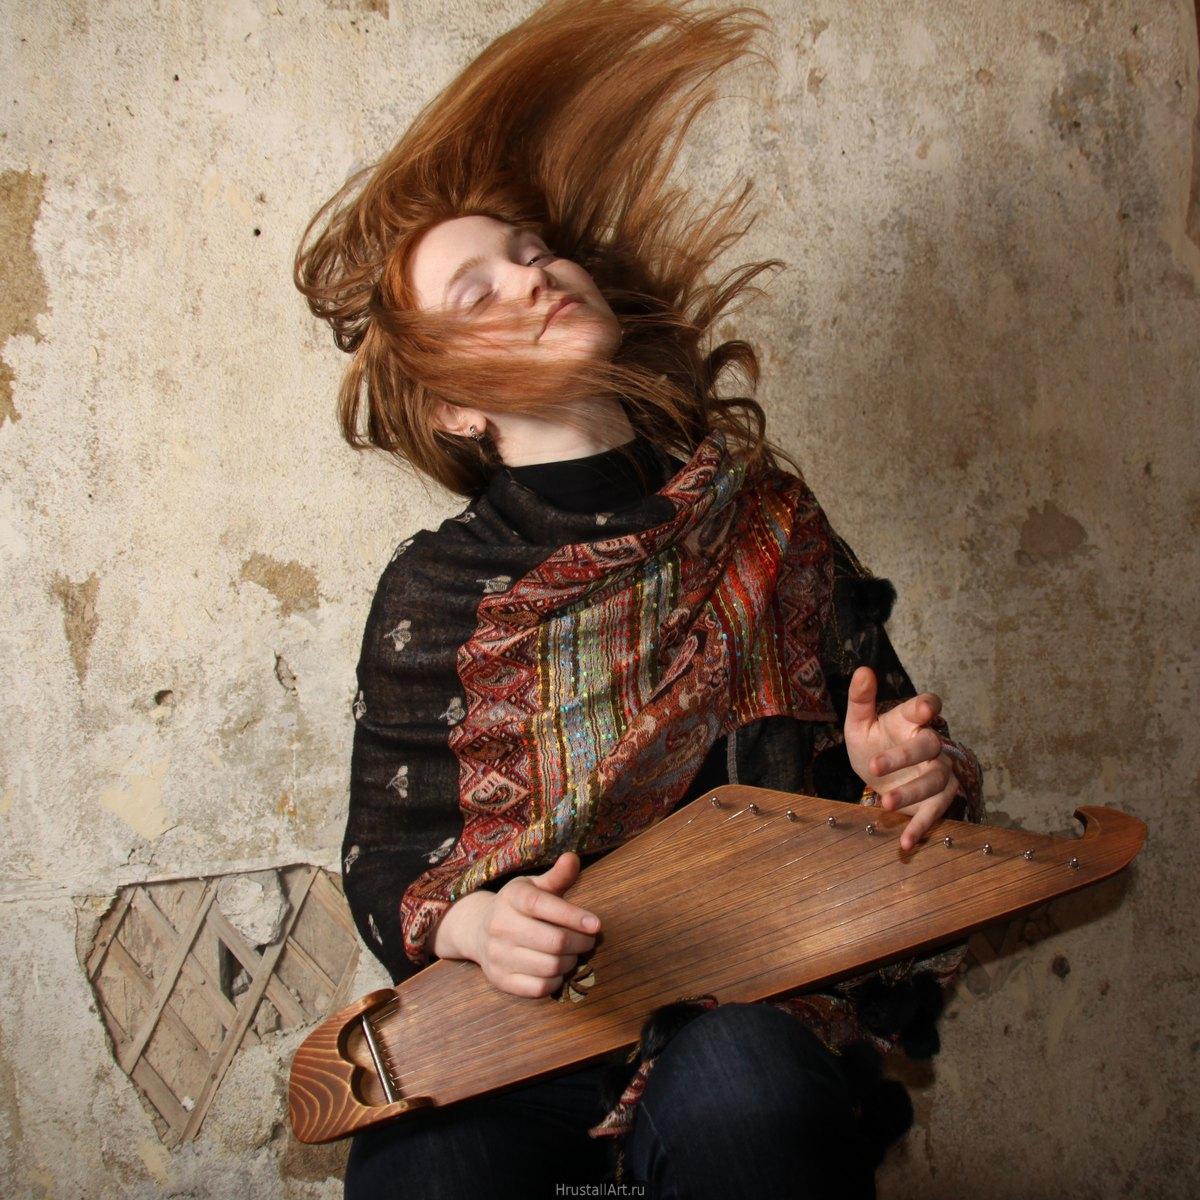 Фотография, молодая девушка играет на карельском кантеле (гуслях).